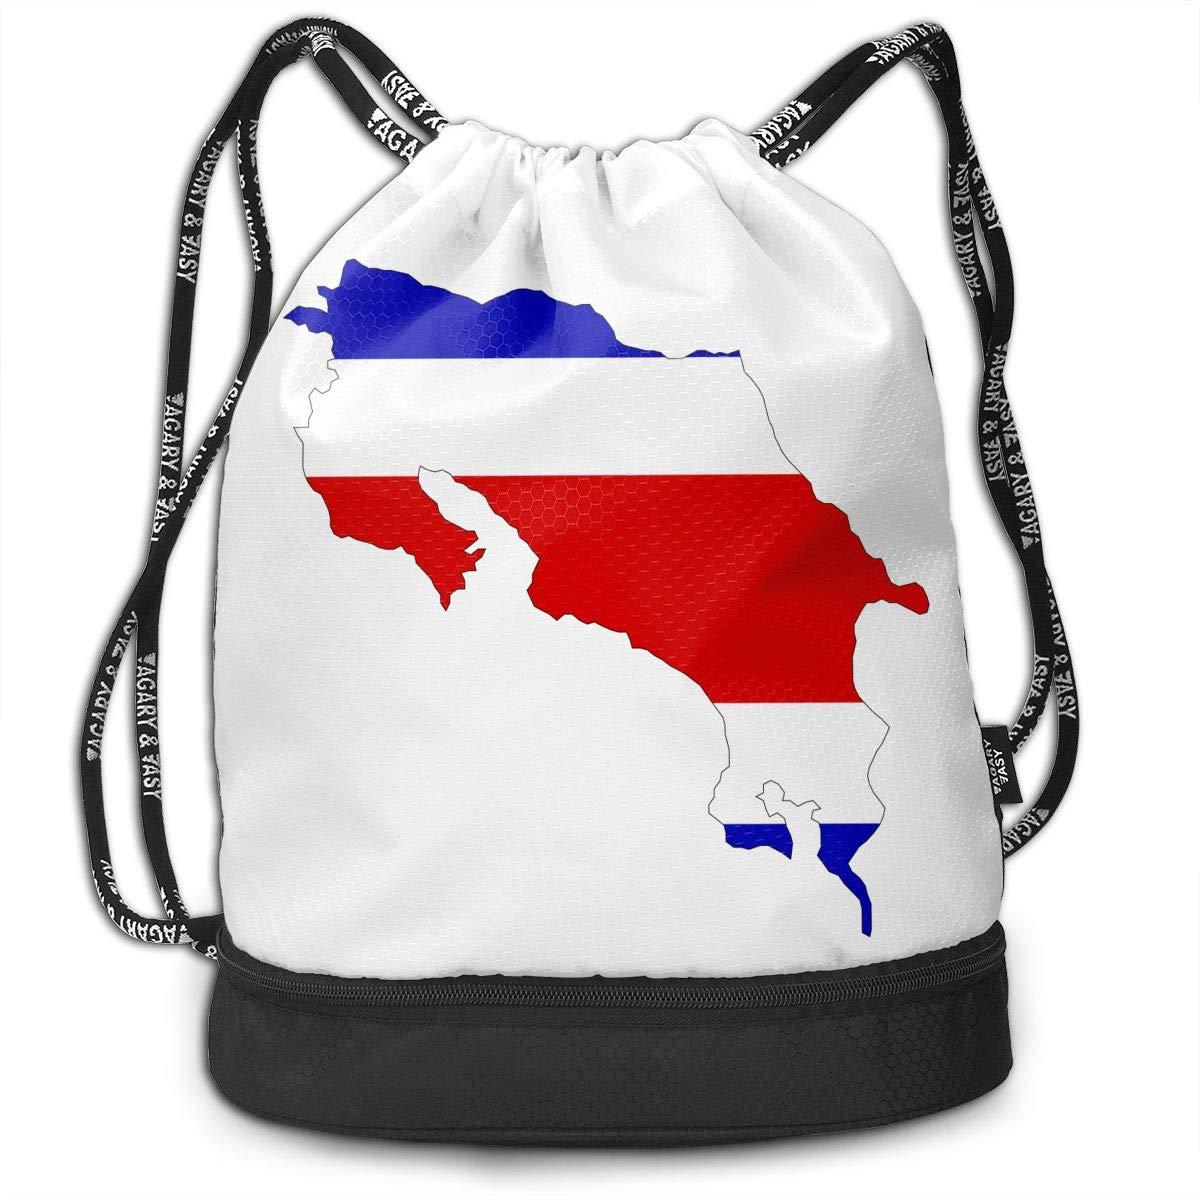 HUOPR5Q Costa-rica Drawstring Backpack Sport Gym Sack Shoulder Bulk Bag Dance Bag for School Travel